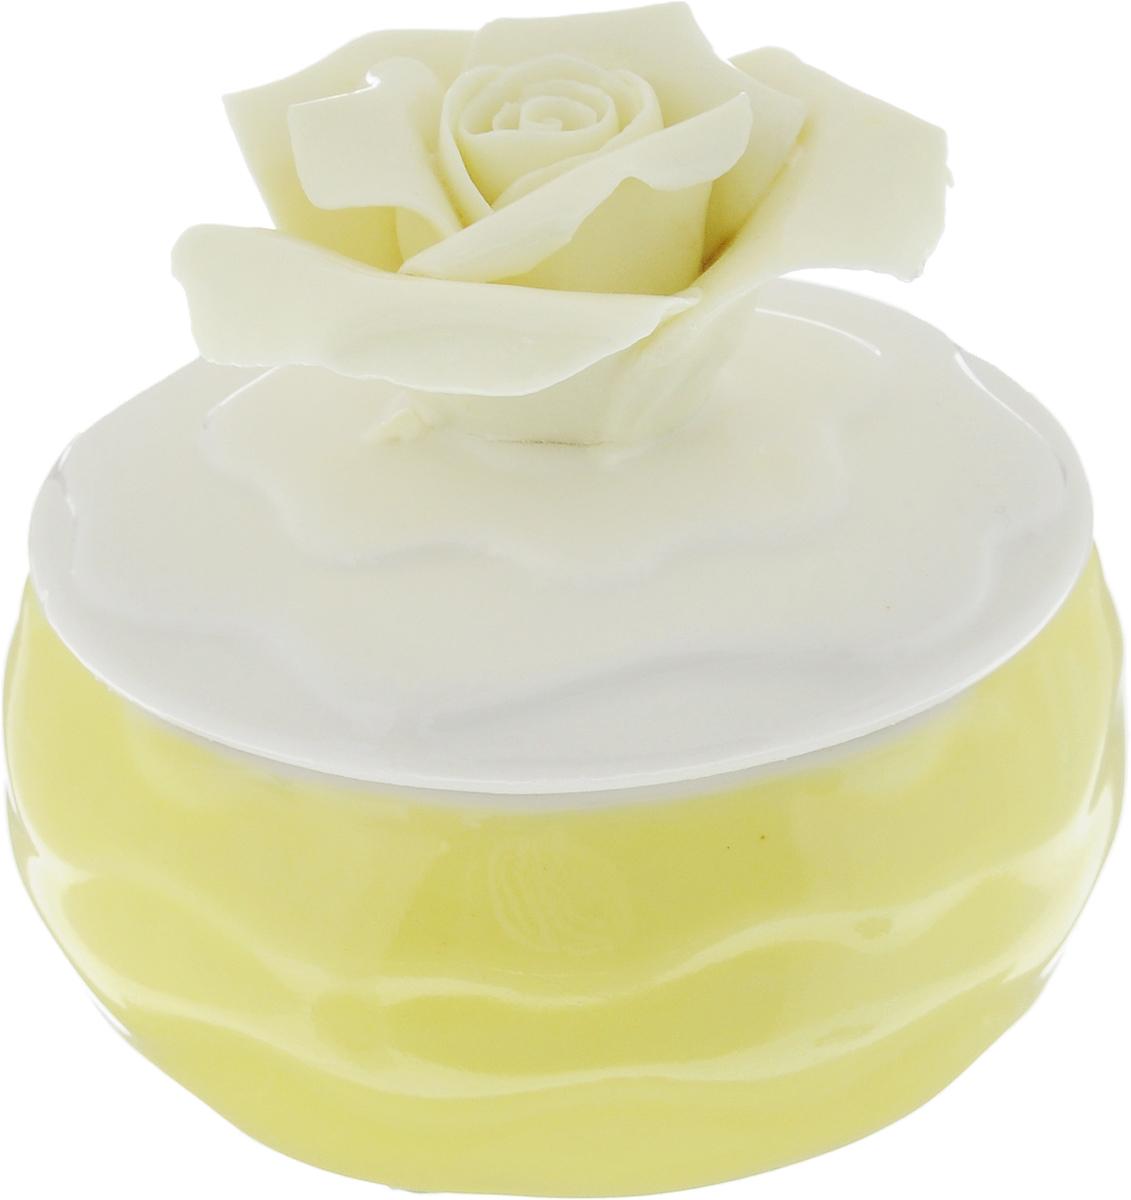 Шкатулка для украшений Феникс-Презент, цвет: желтый, белый, ванильный, 6 х 6 х 6 смRG-D31SШкатулка Феникс-Презент предназначена для хранения украшений. Изделие изготовлено из фарфора. Крышка шкатулки украшена розой. Вы можете поставить шкатулку в любом месте, где она будет удачно смотреться и радовать глаз. Кроме того - это отличный вариант подарка для ваших близких и друзей. Размер шкатулки: 6 х 6 х 6 см.